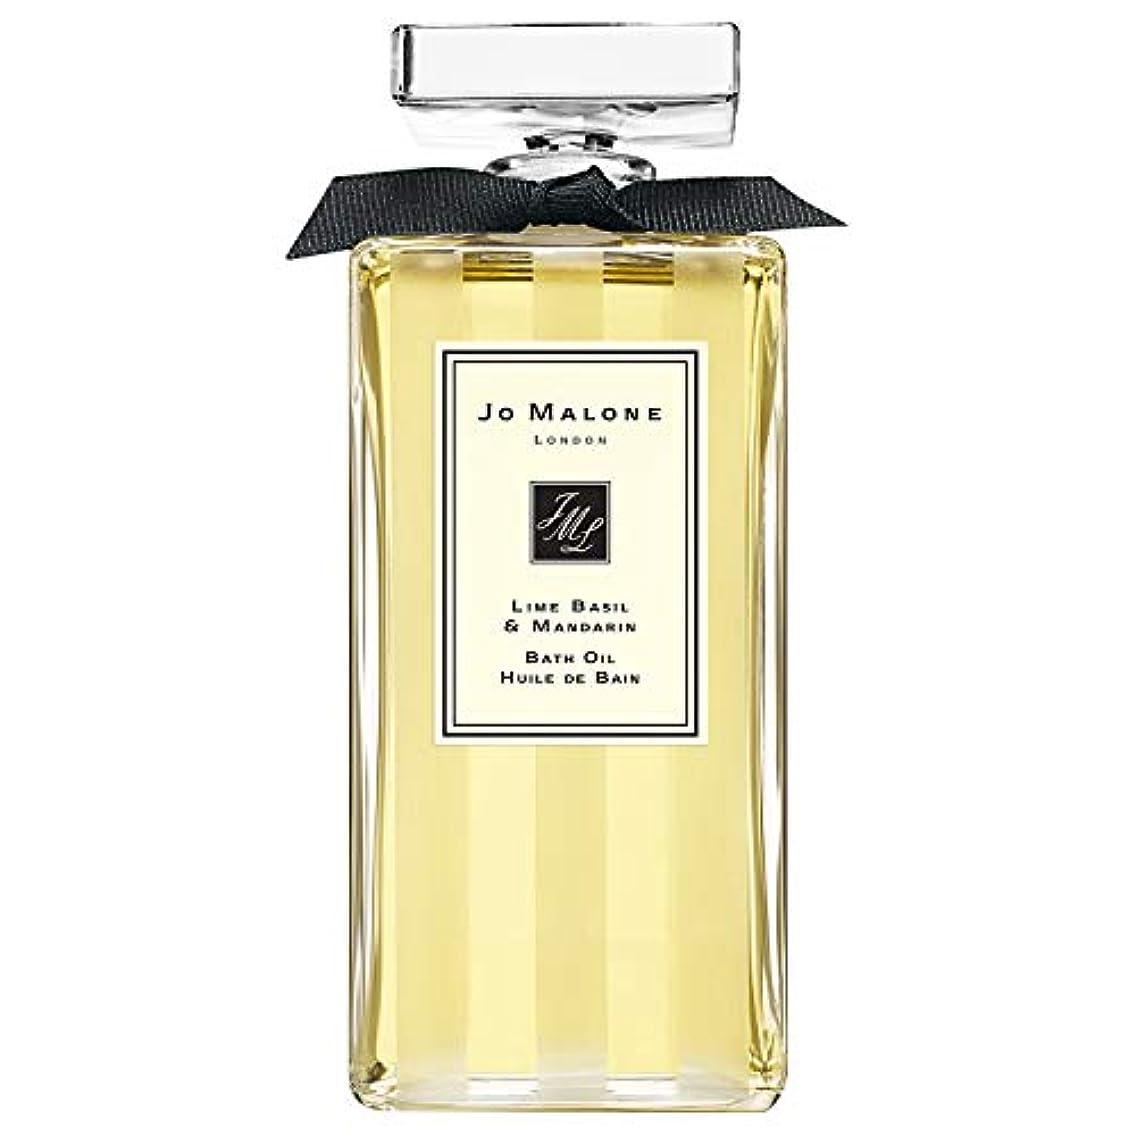 現象密輸チャンス[Jo Malone] ジョーマローンロンドンライムバジル&マンダリンバスオイル200ミリリットル - Jo Malone London Lime Basil & Mandarin Bath Oil 200ml [並行輸入品]